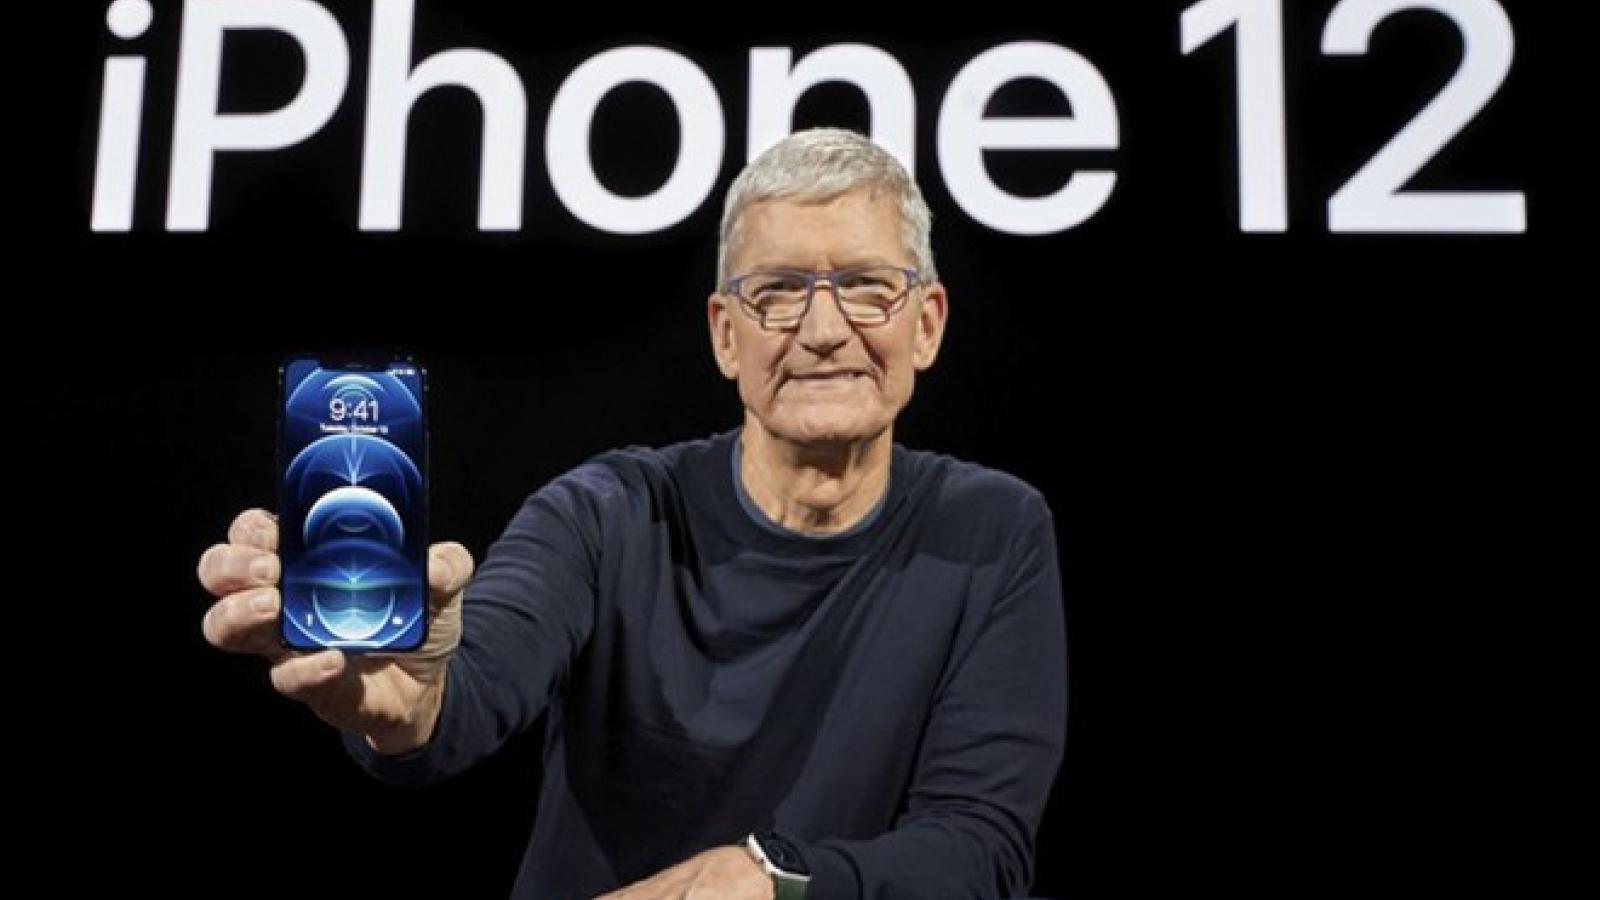 5 tính năng Android mà iPhone tiếp theo nên sao chép